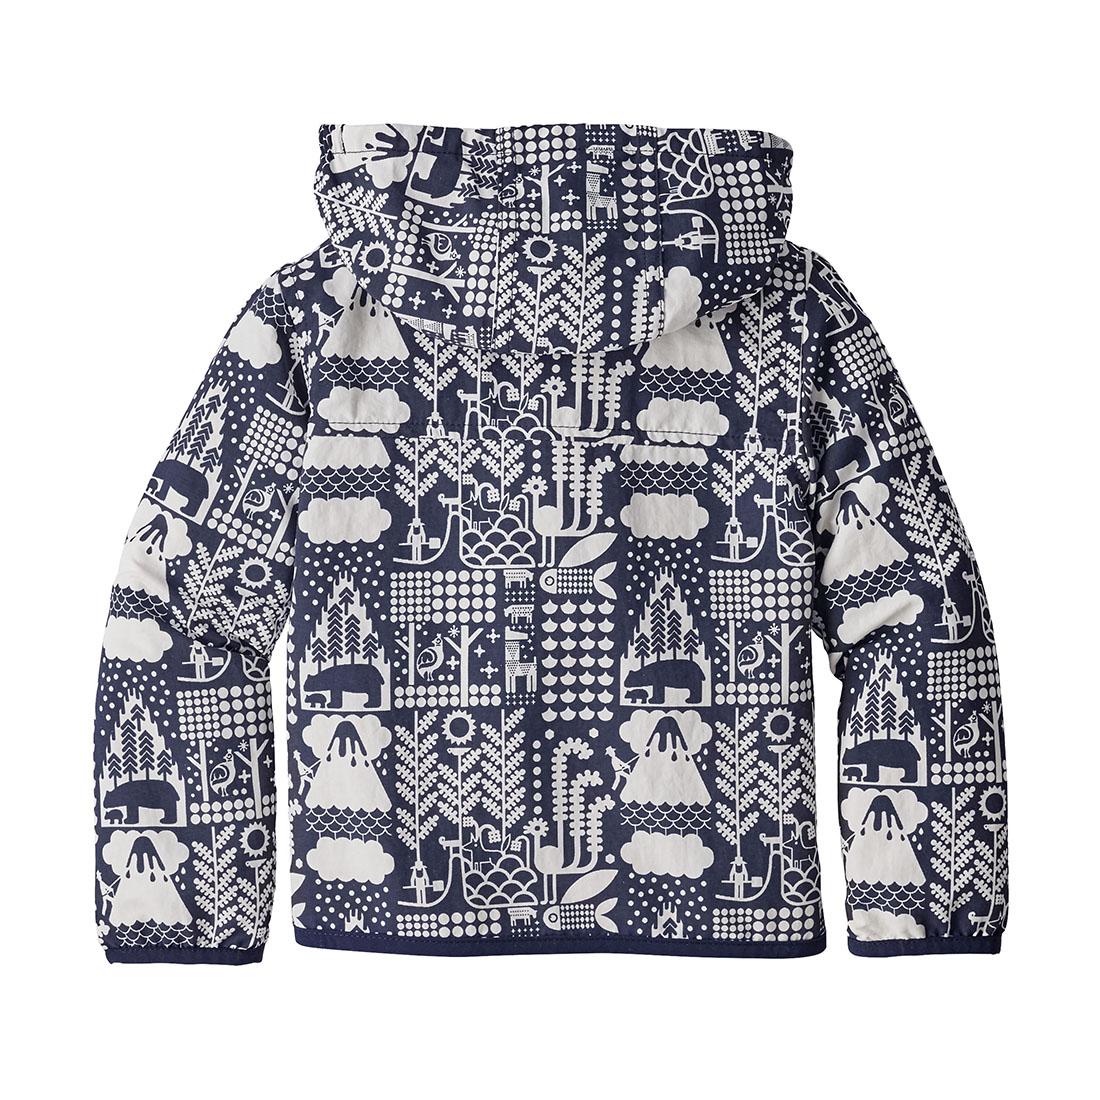 【送料無料】パタゴニア patagonia キッズ Baby Baggies Jacket(2T/2歳 3T/3歳 4T/4歳 5T/5歳)ベビー バギーズ ジャケット メール便不可 60289